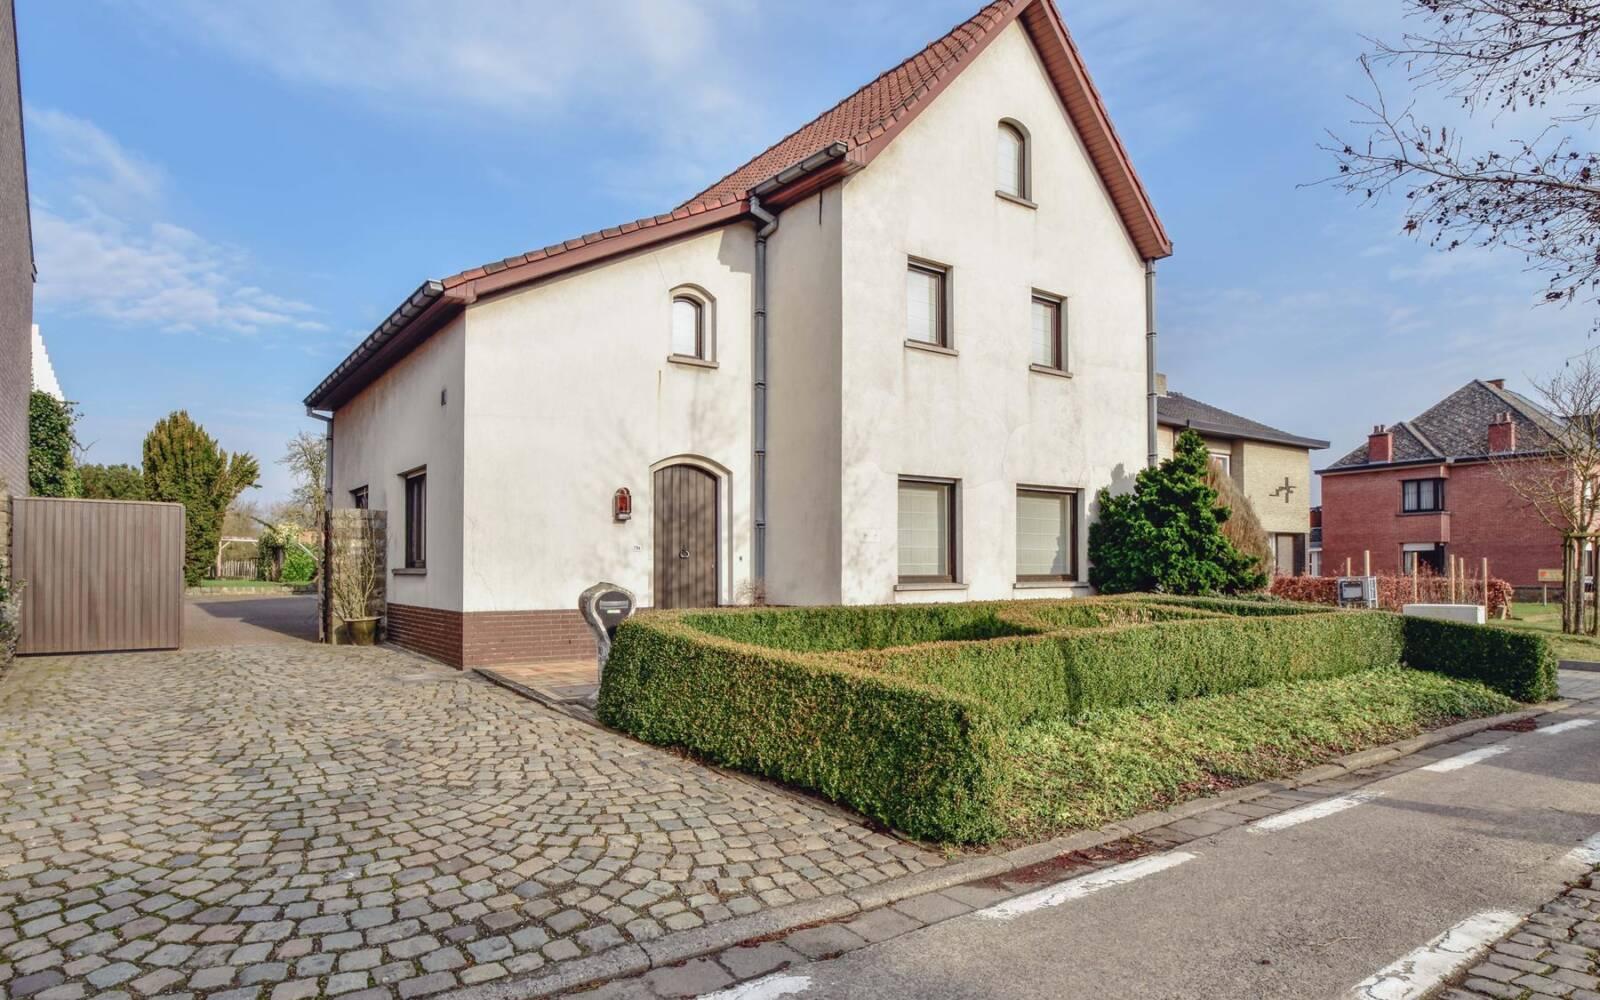 huis | Provincieweg 294 Herzele